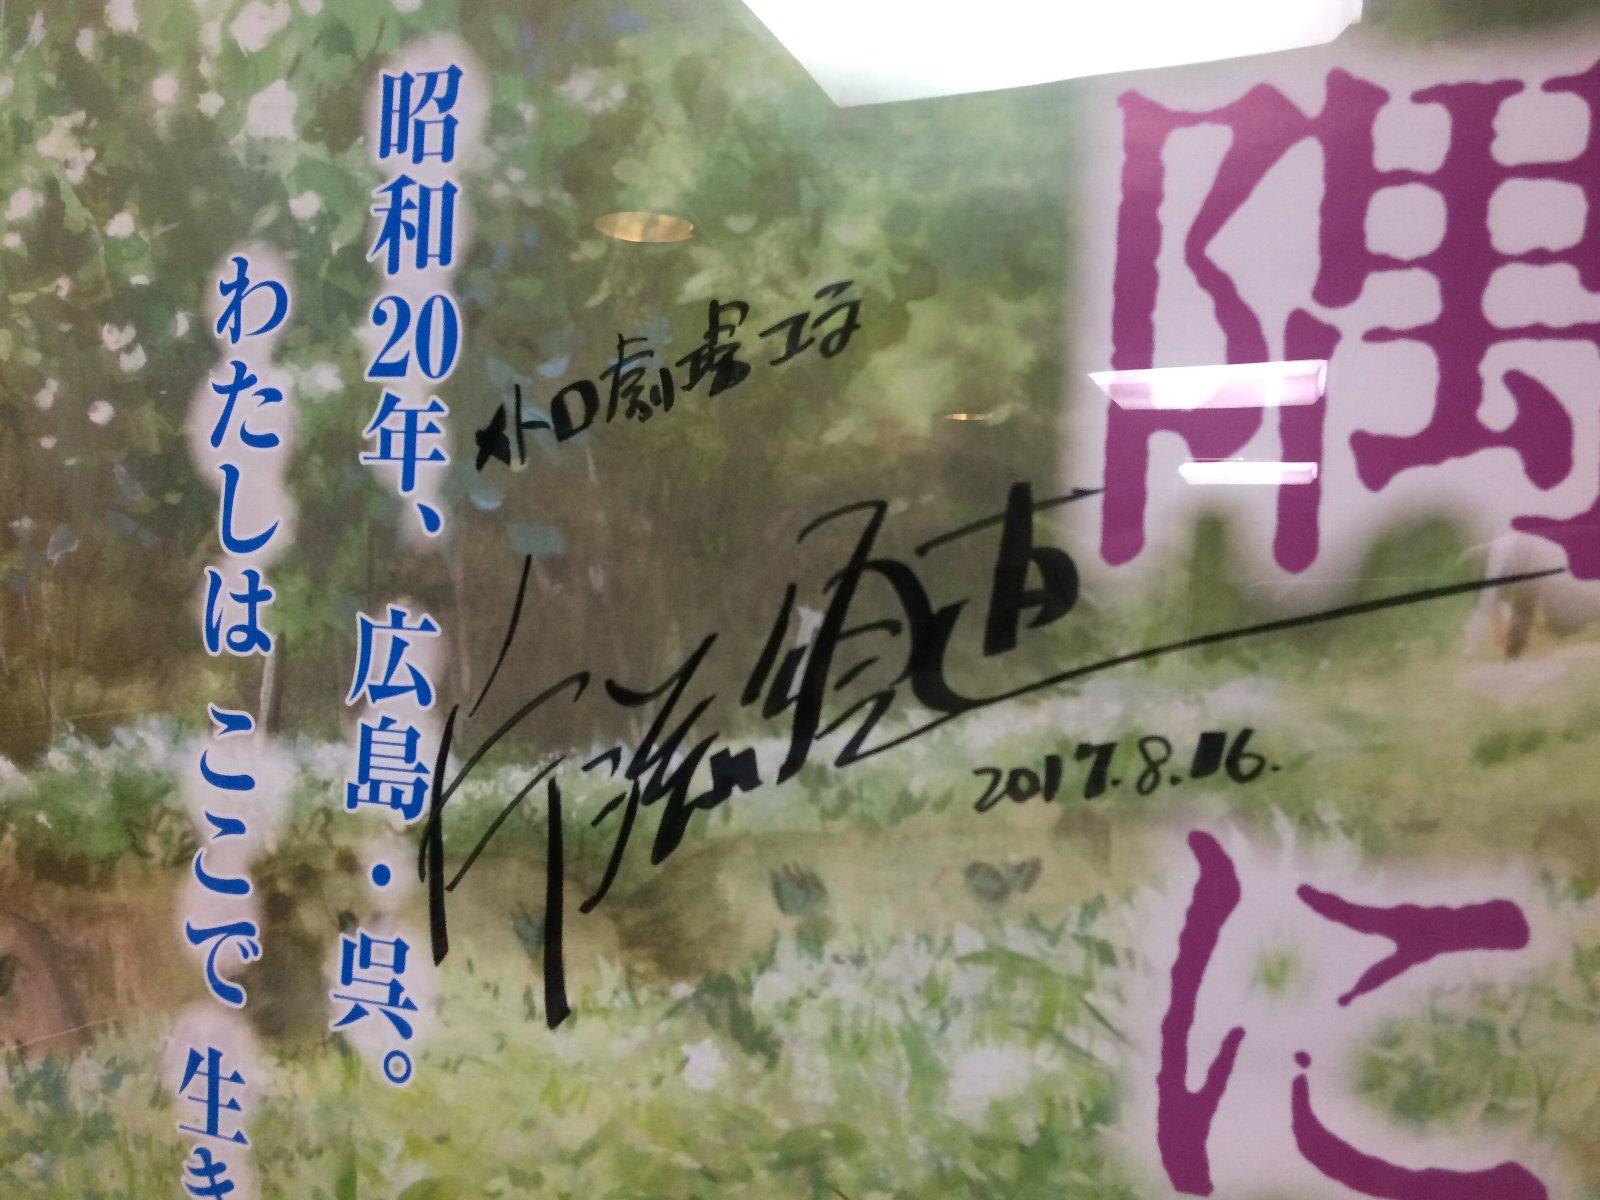 20190812 メトロ劇場 片淵監督のサイン